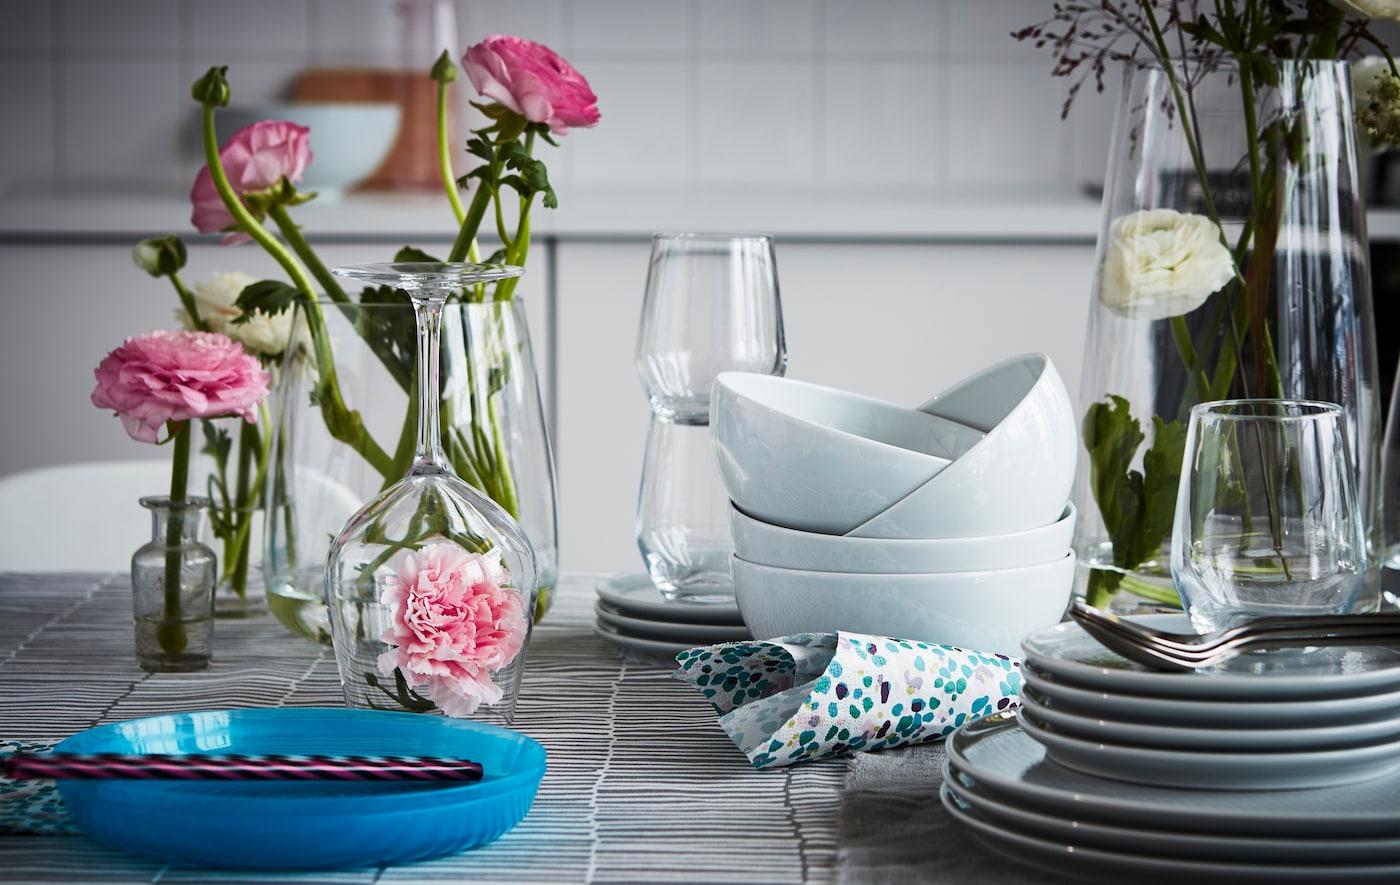 tisch dekorieren einladende ideen ikea ikea. Black Bedroom Furniture Sets. Home Design Ideas